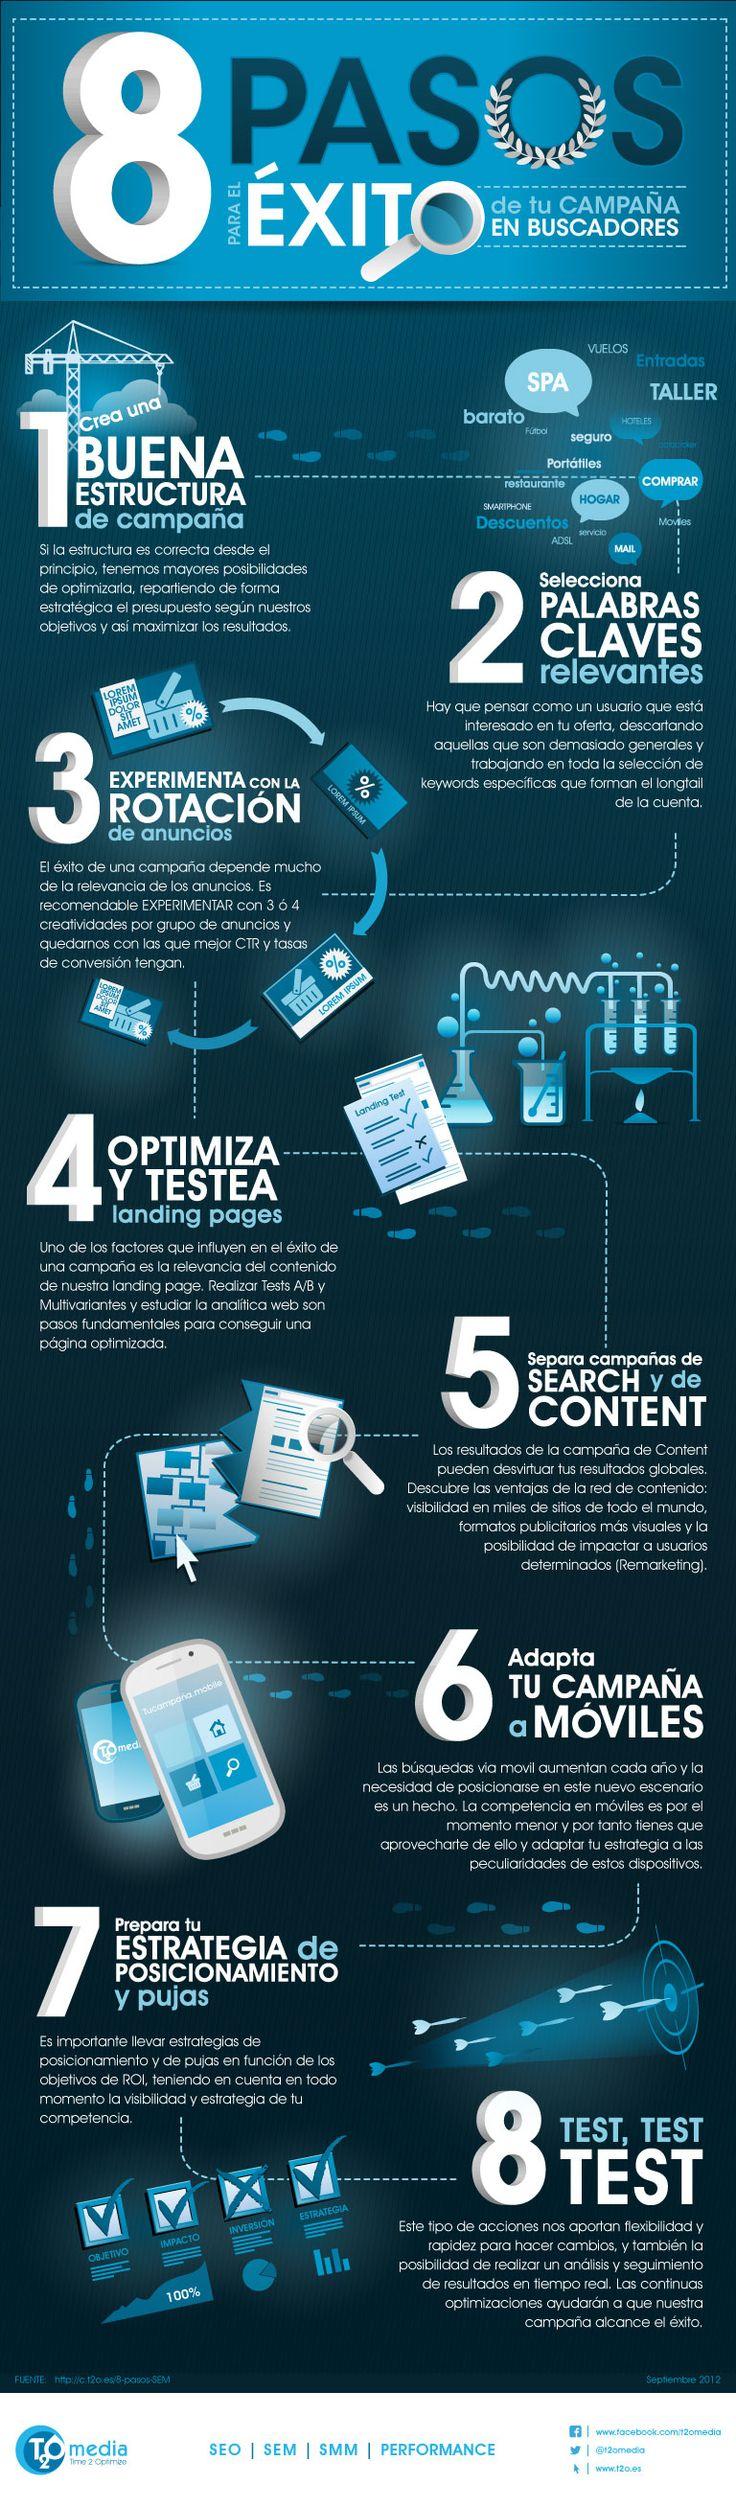 #Infografía en español que muestra 8 pasos para el éxito en tu campaña en buscadores